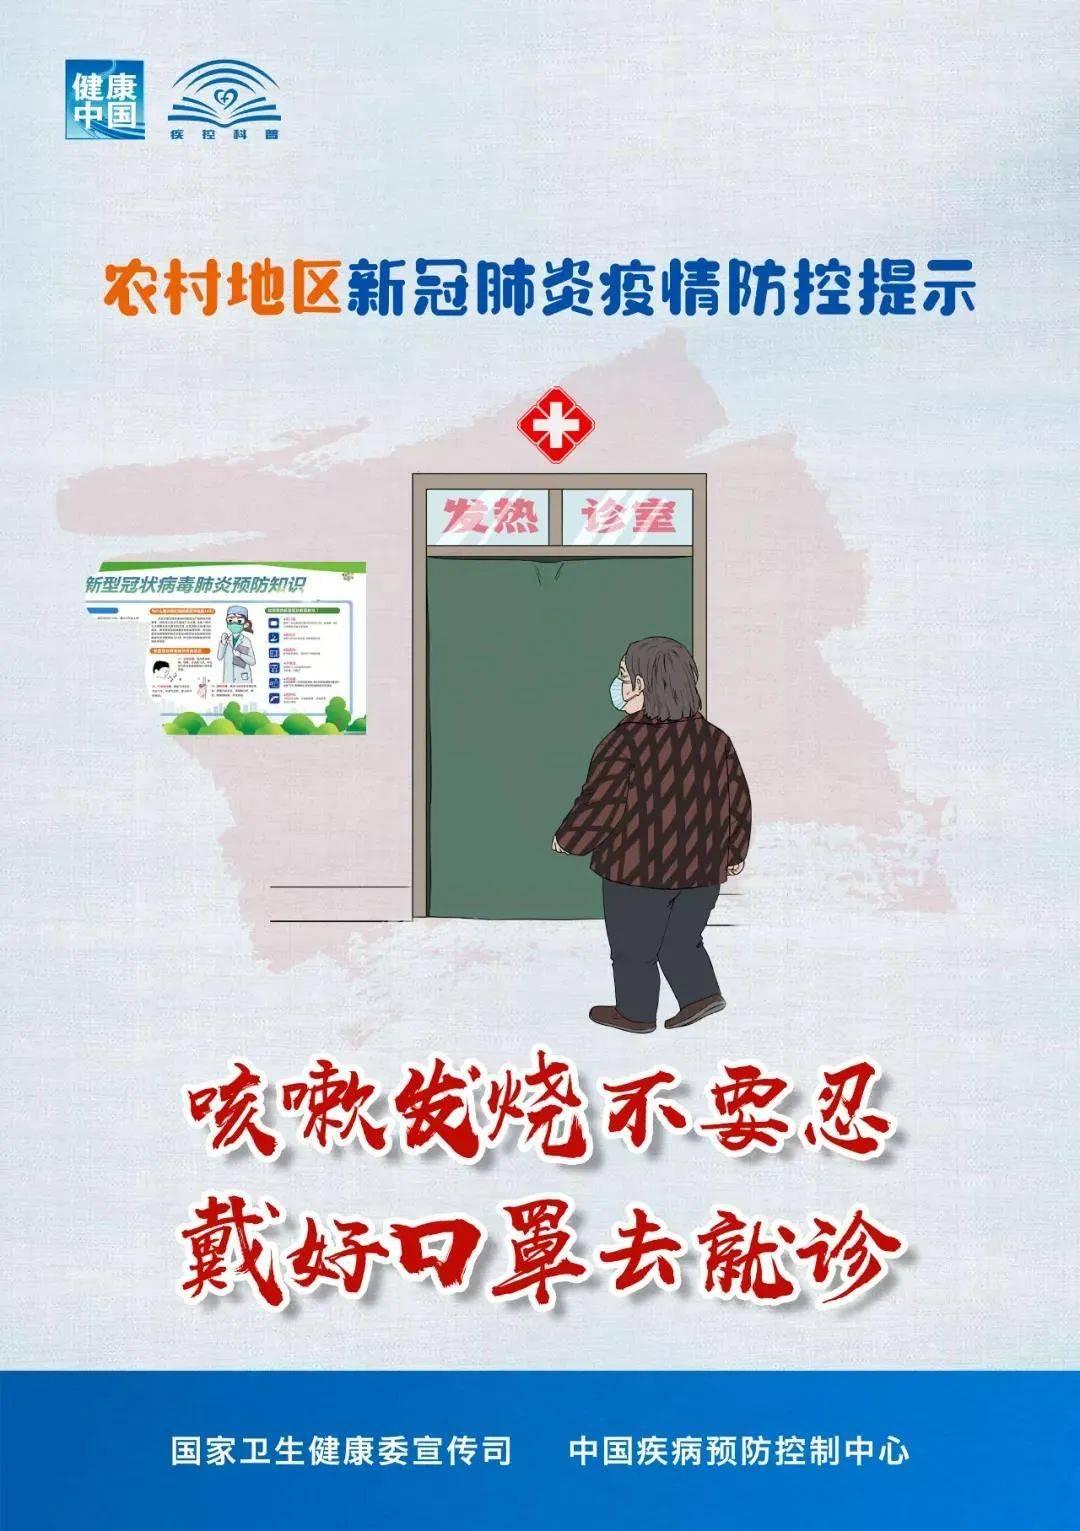 农村地区新冠肺炎疫情防控提示